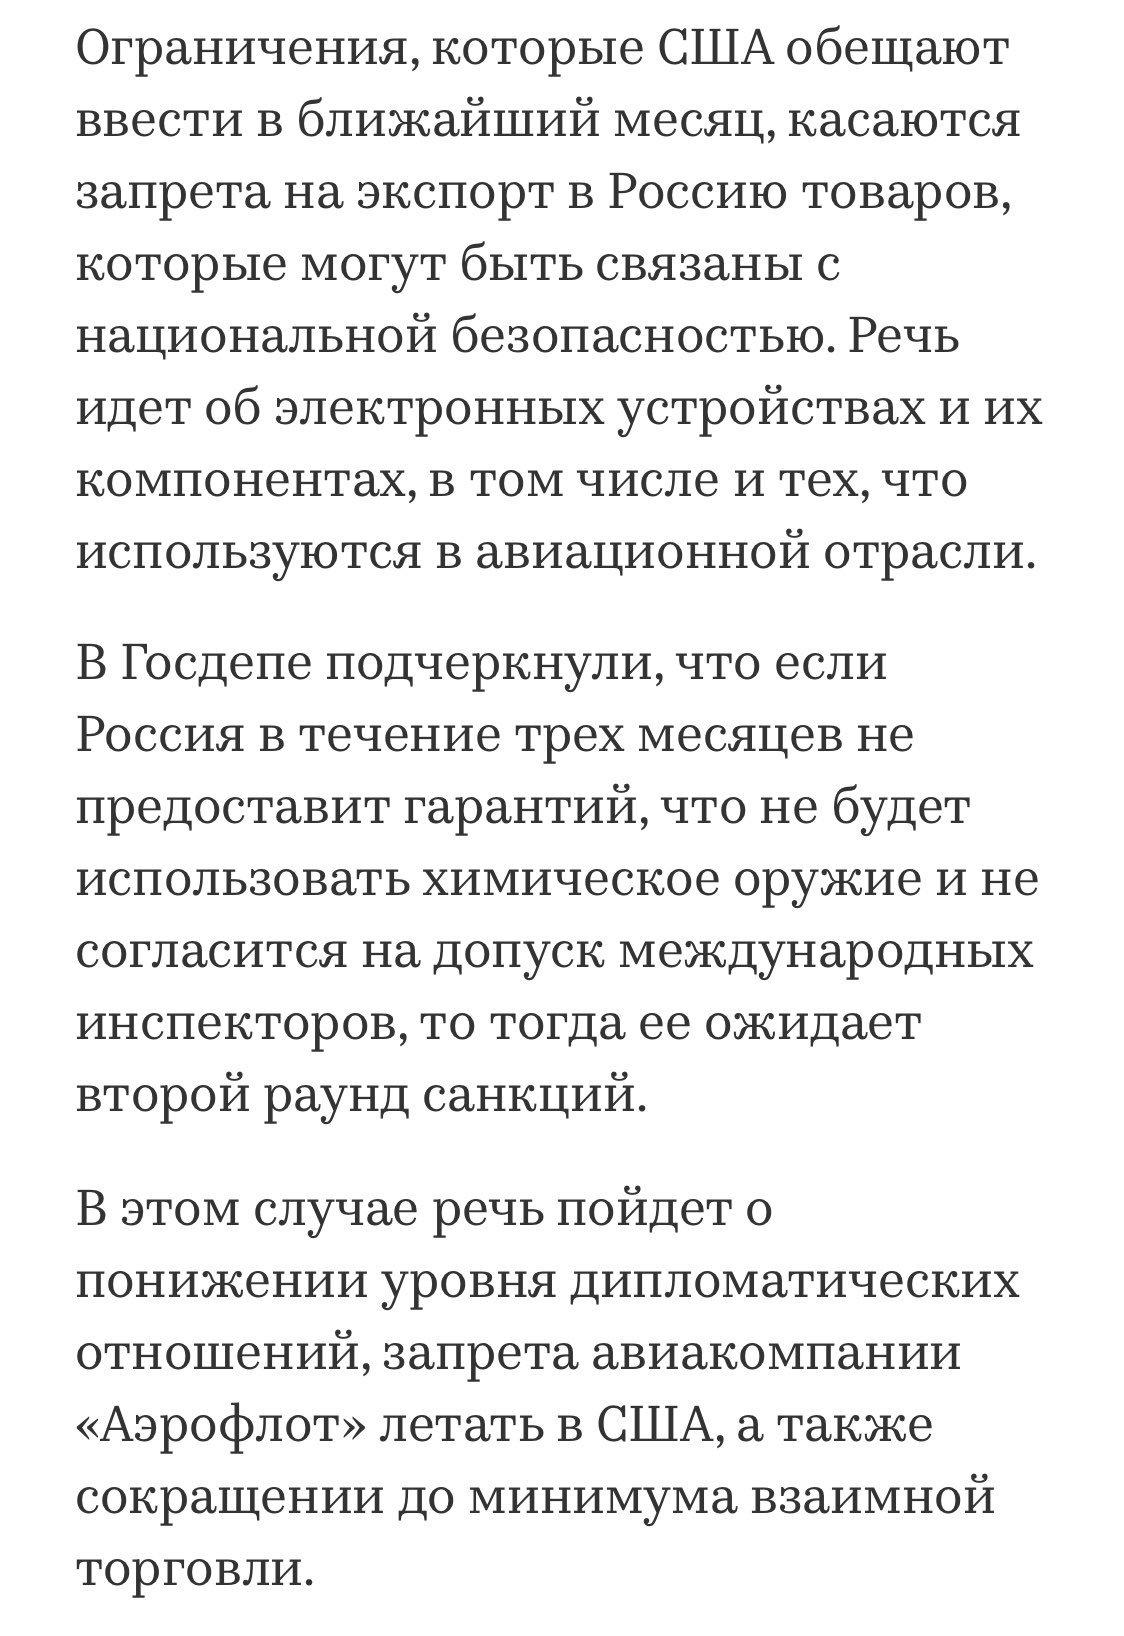 Затримано екс-митника Амінєва, підозрюваного у викраденні 37 заарештованих контейнерів із нерозмитненим вантажем, - Продан - Цензор.НЕТ 4670